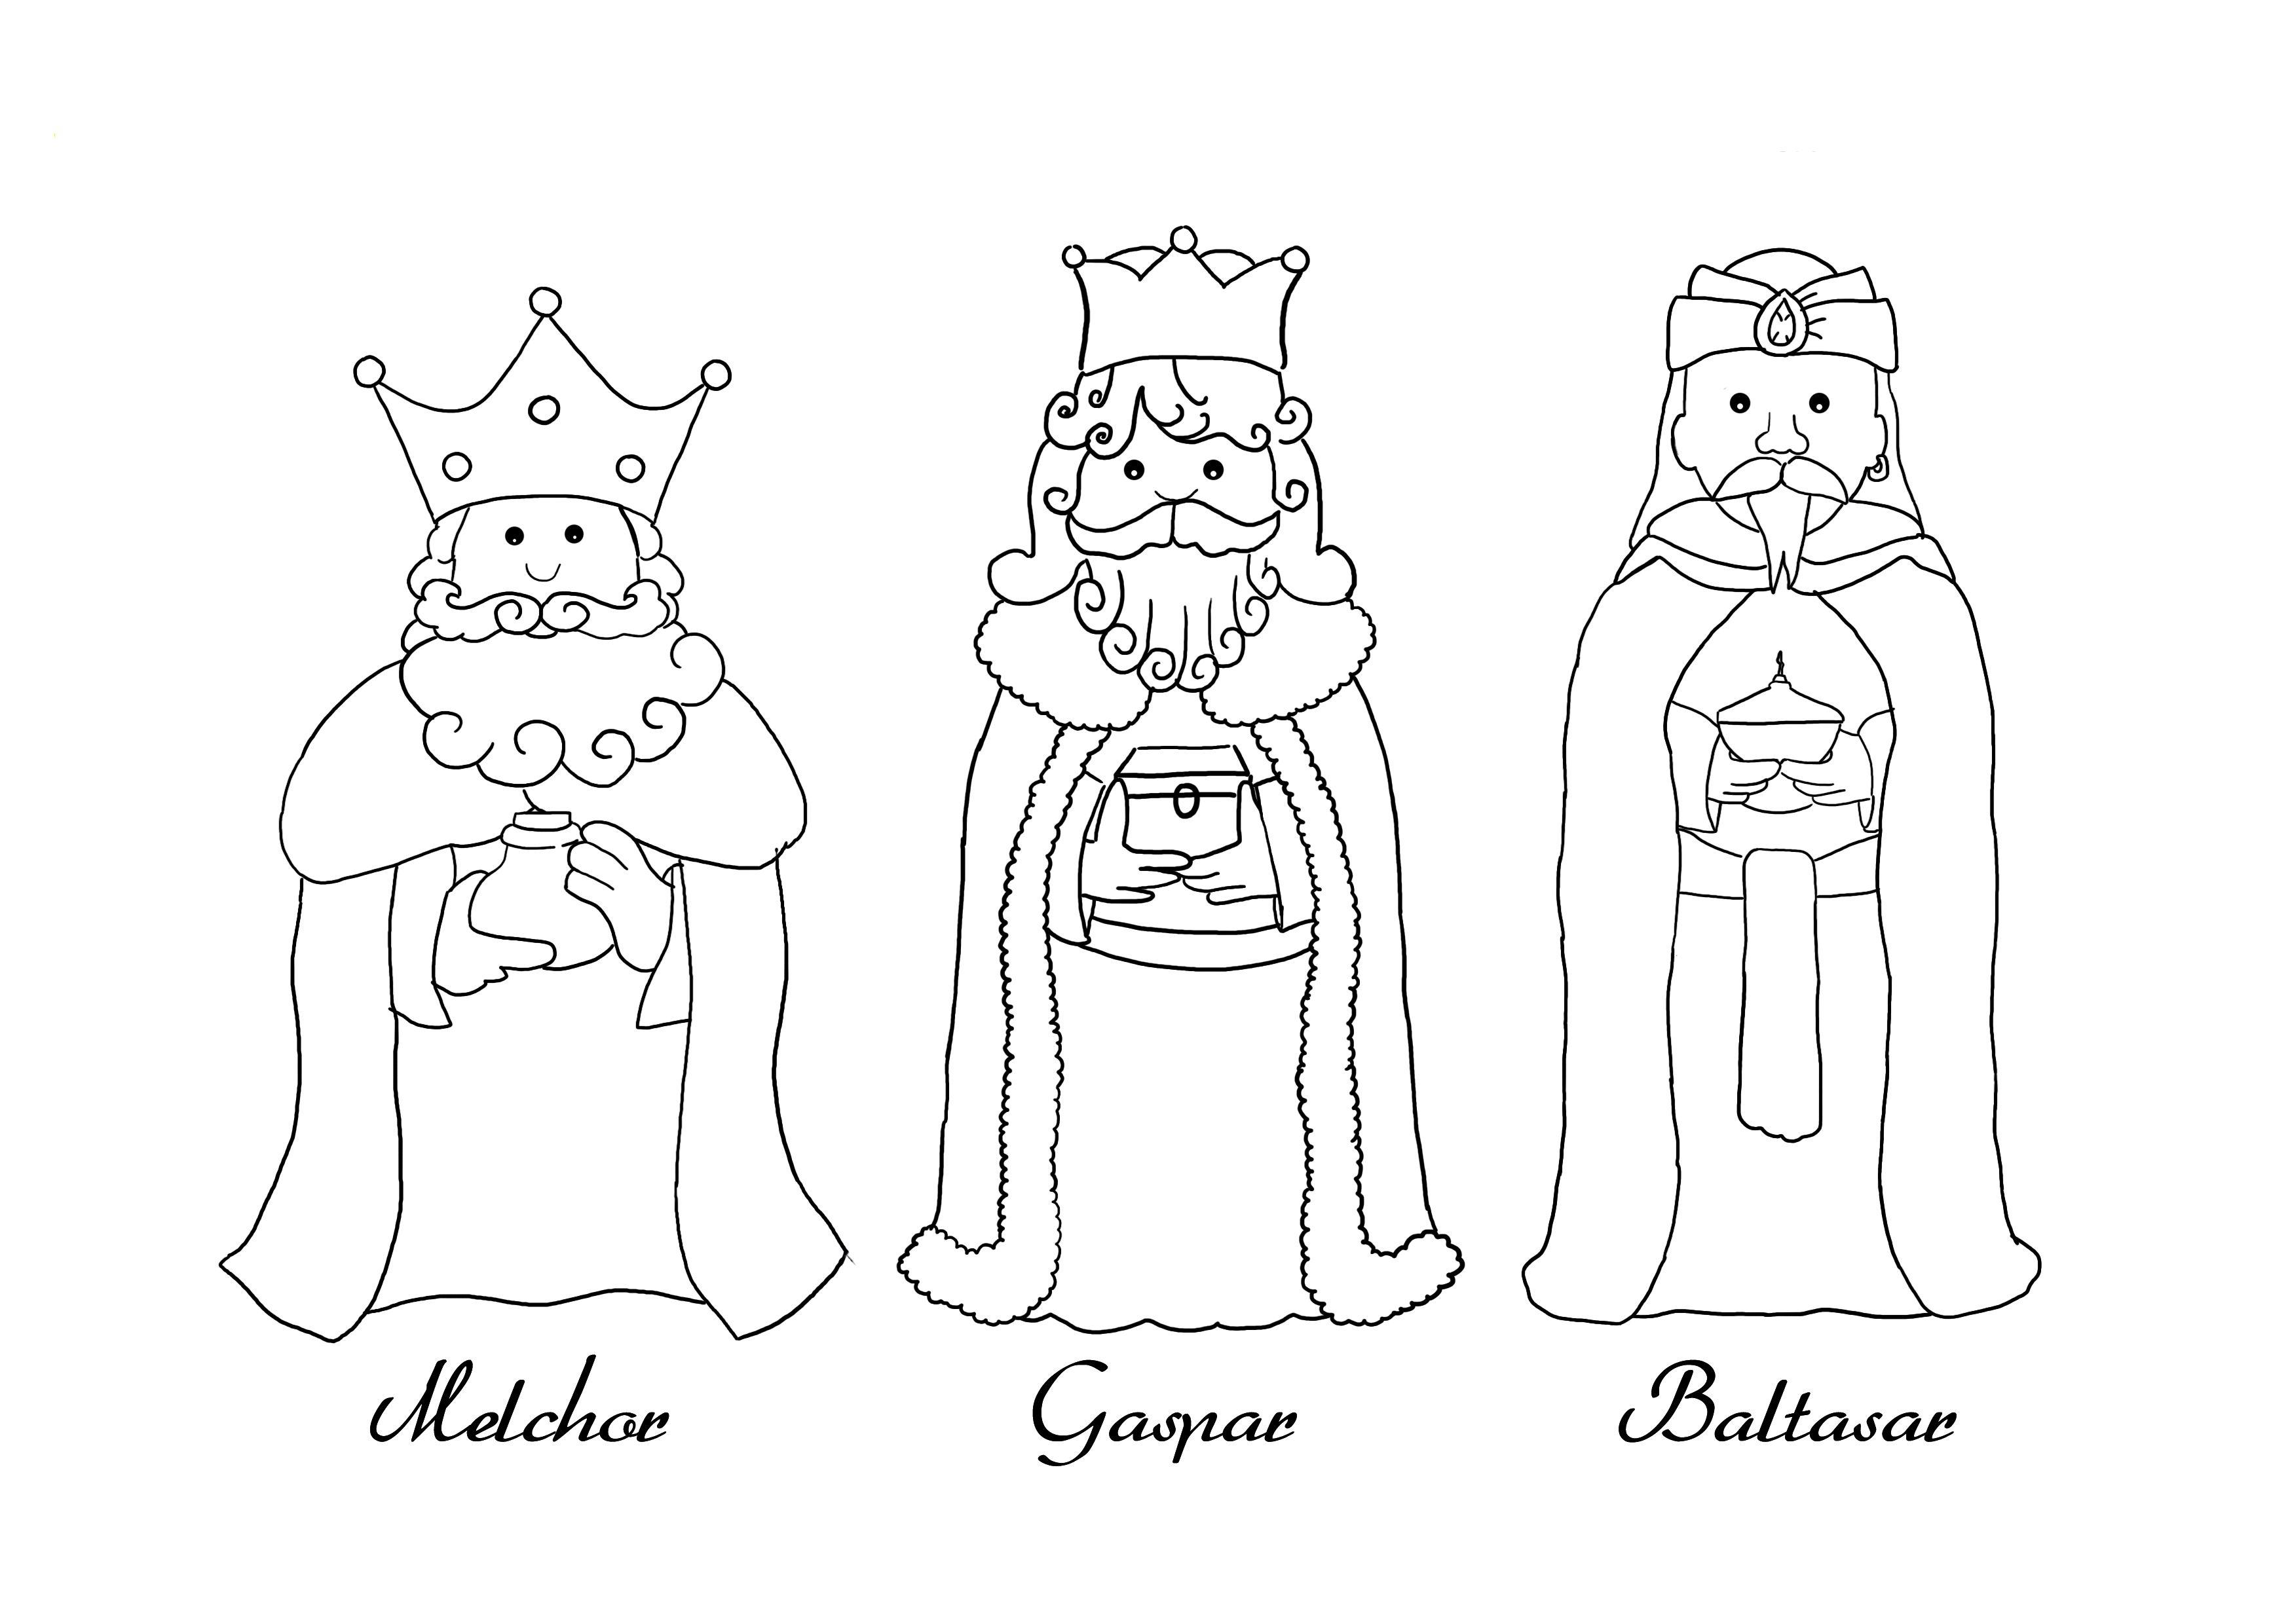 10 Dibujos De Reyes Magos Para Colorear Reyes Magos Dibujos Dibujos De Reyes Silueta Reyes Magos